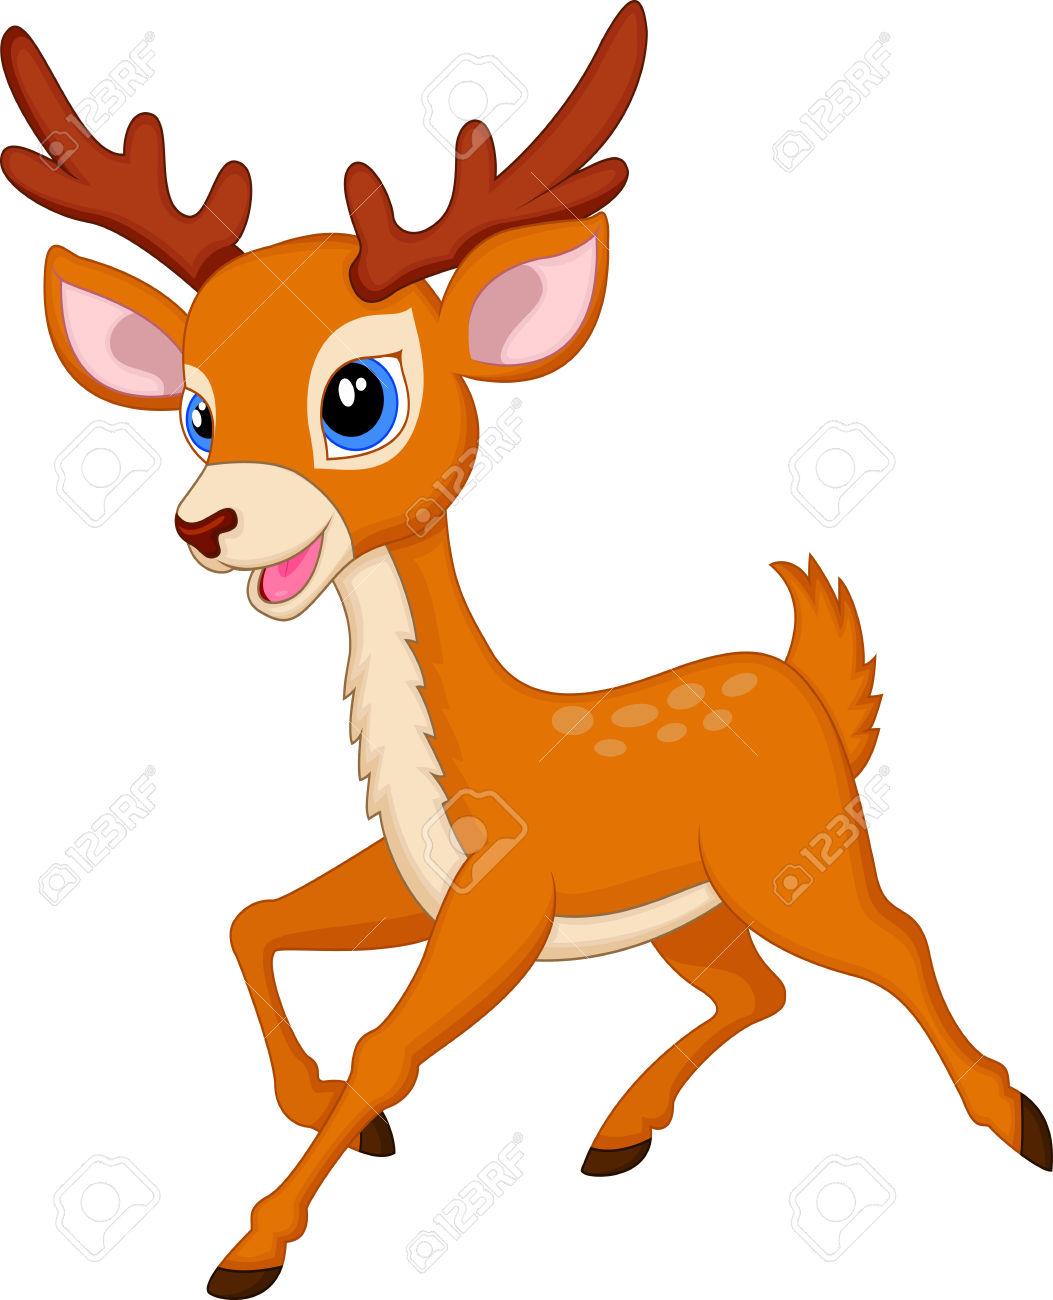 Deer clipart Clipart Art Images Deer Deer